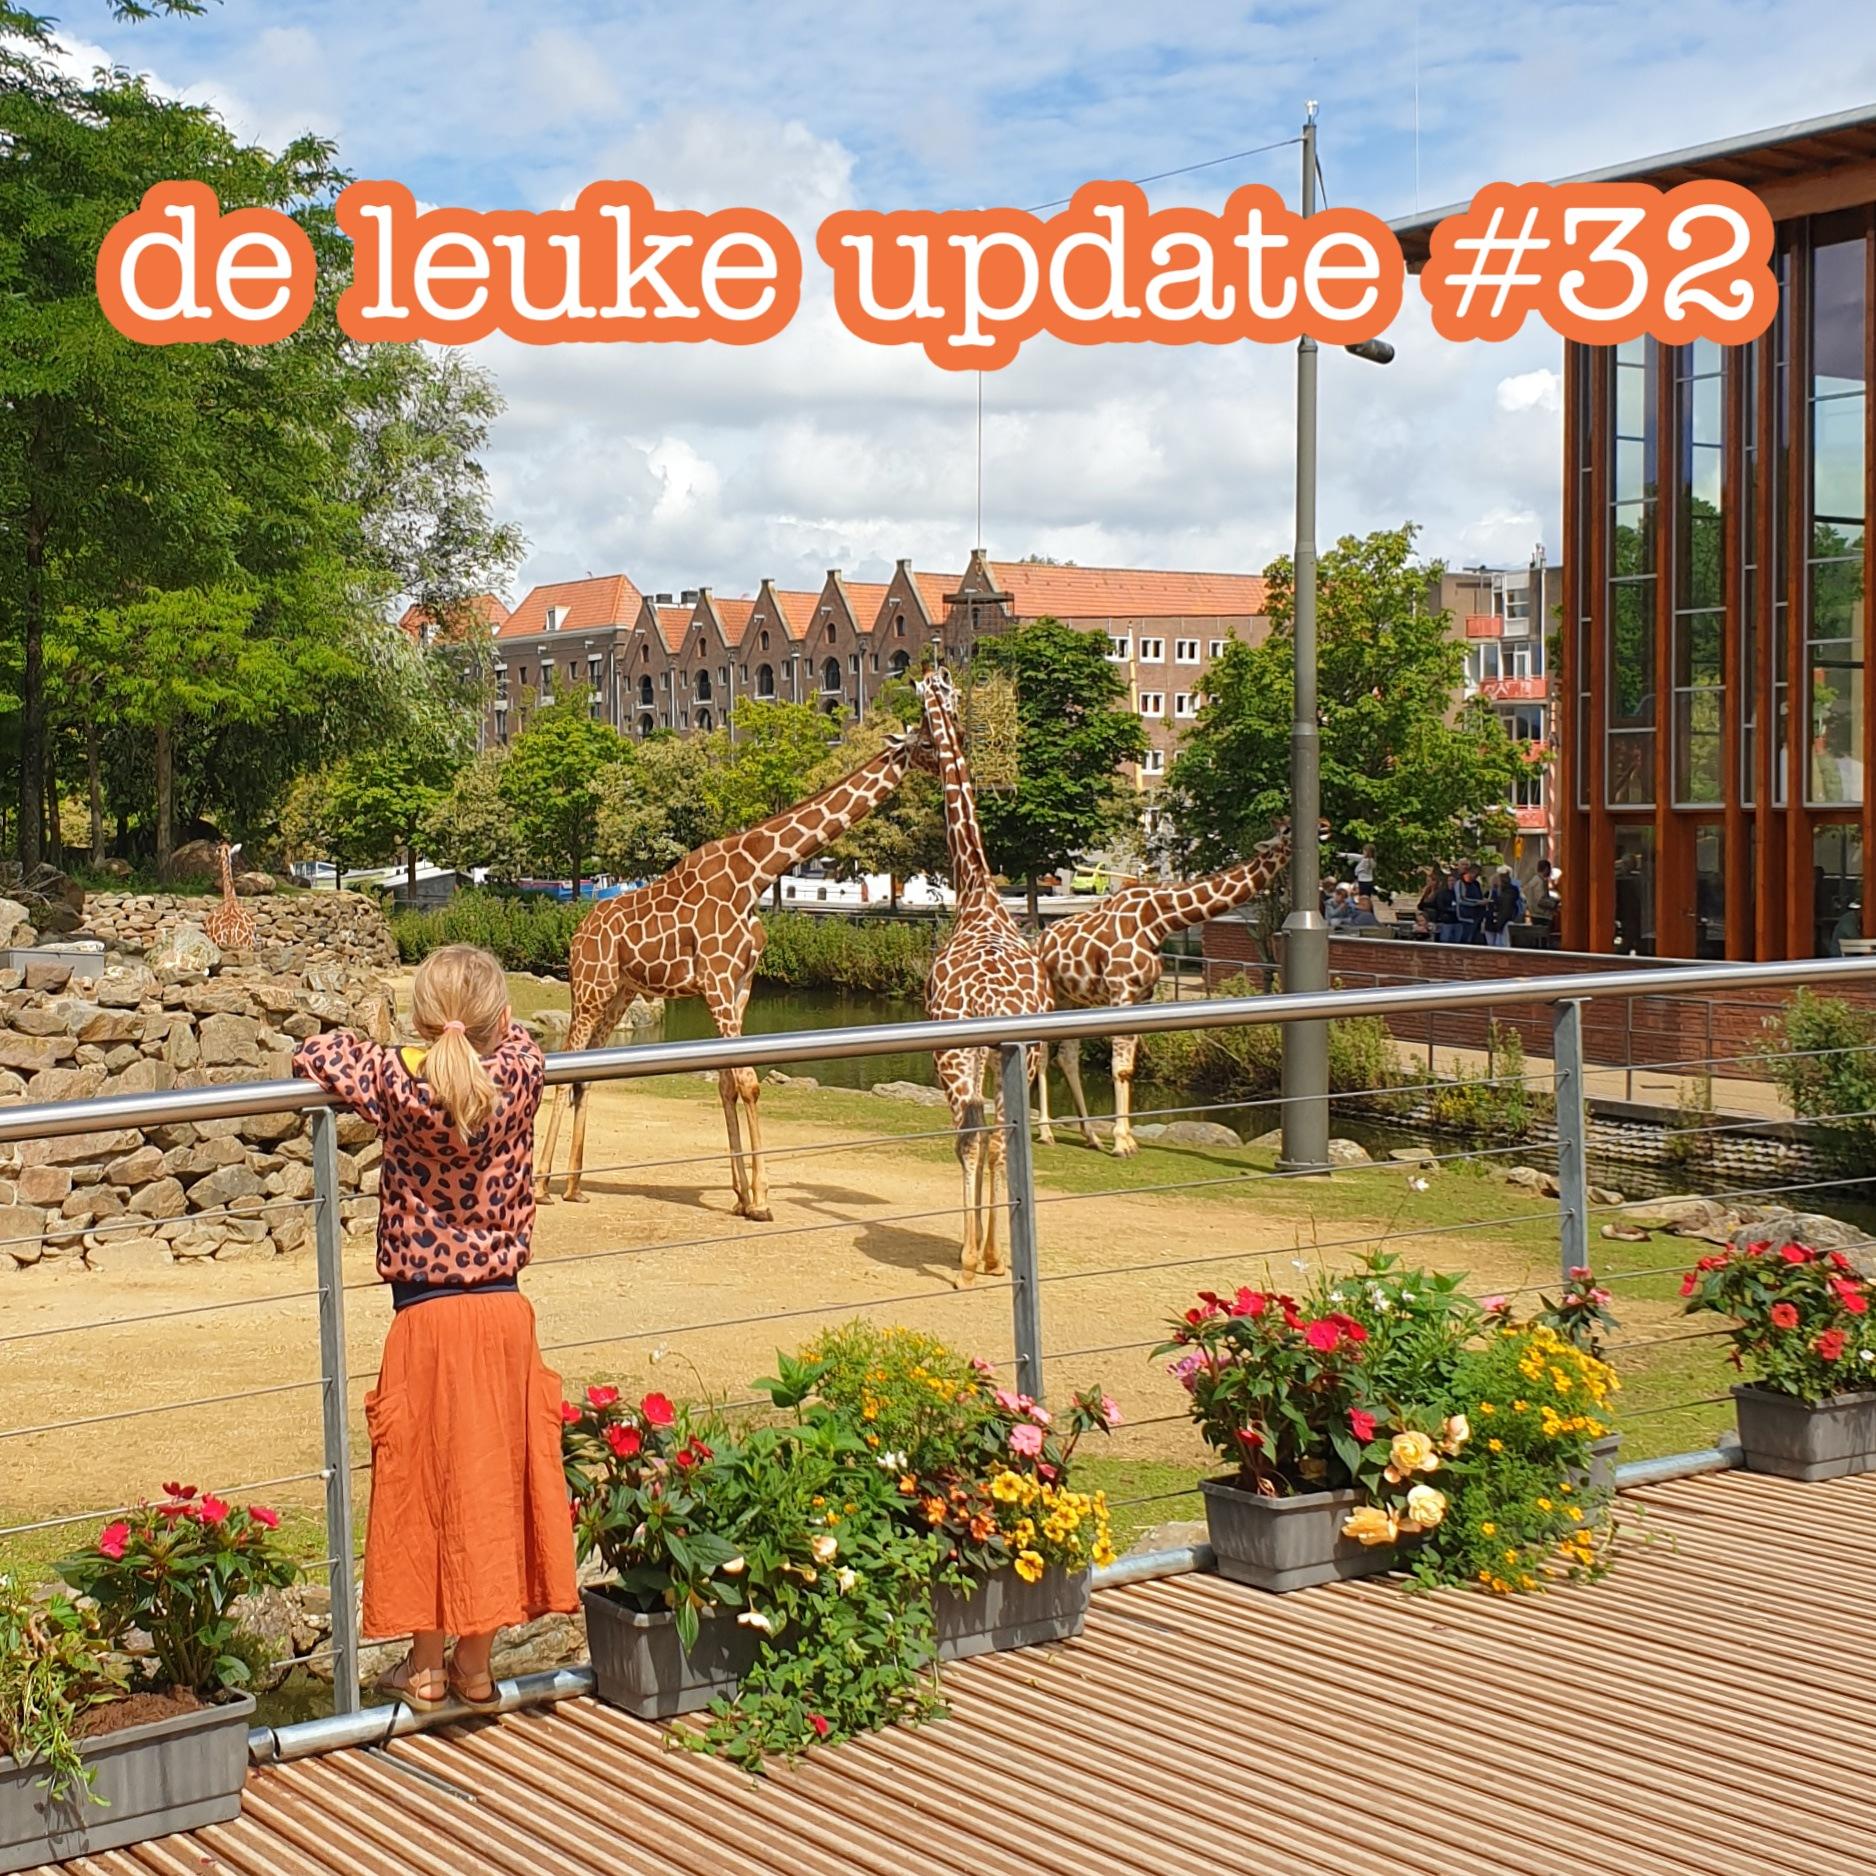 De Leuke Update #32 | nieuwtjes, ideeën, musthaves en uitjes voor kids